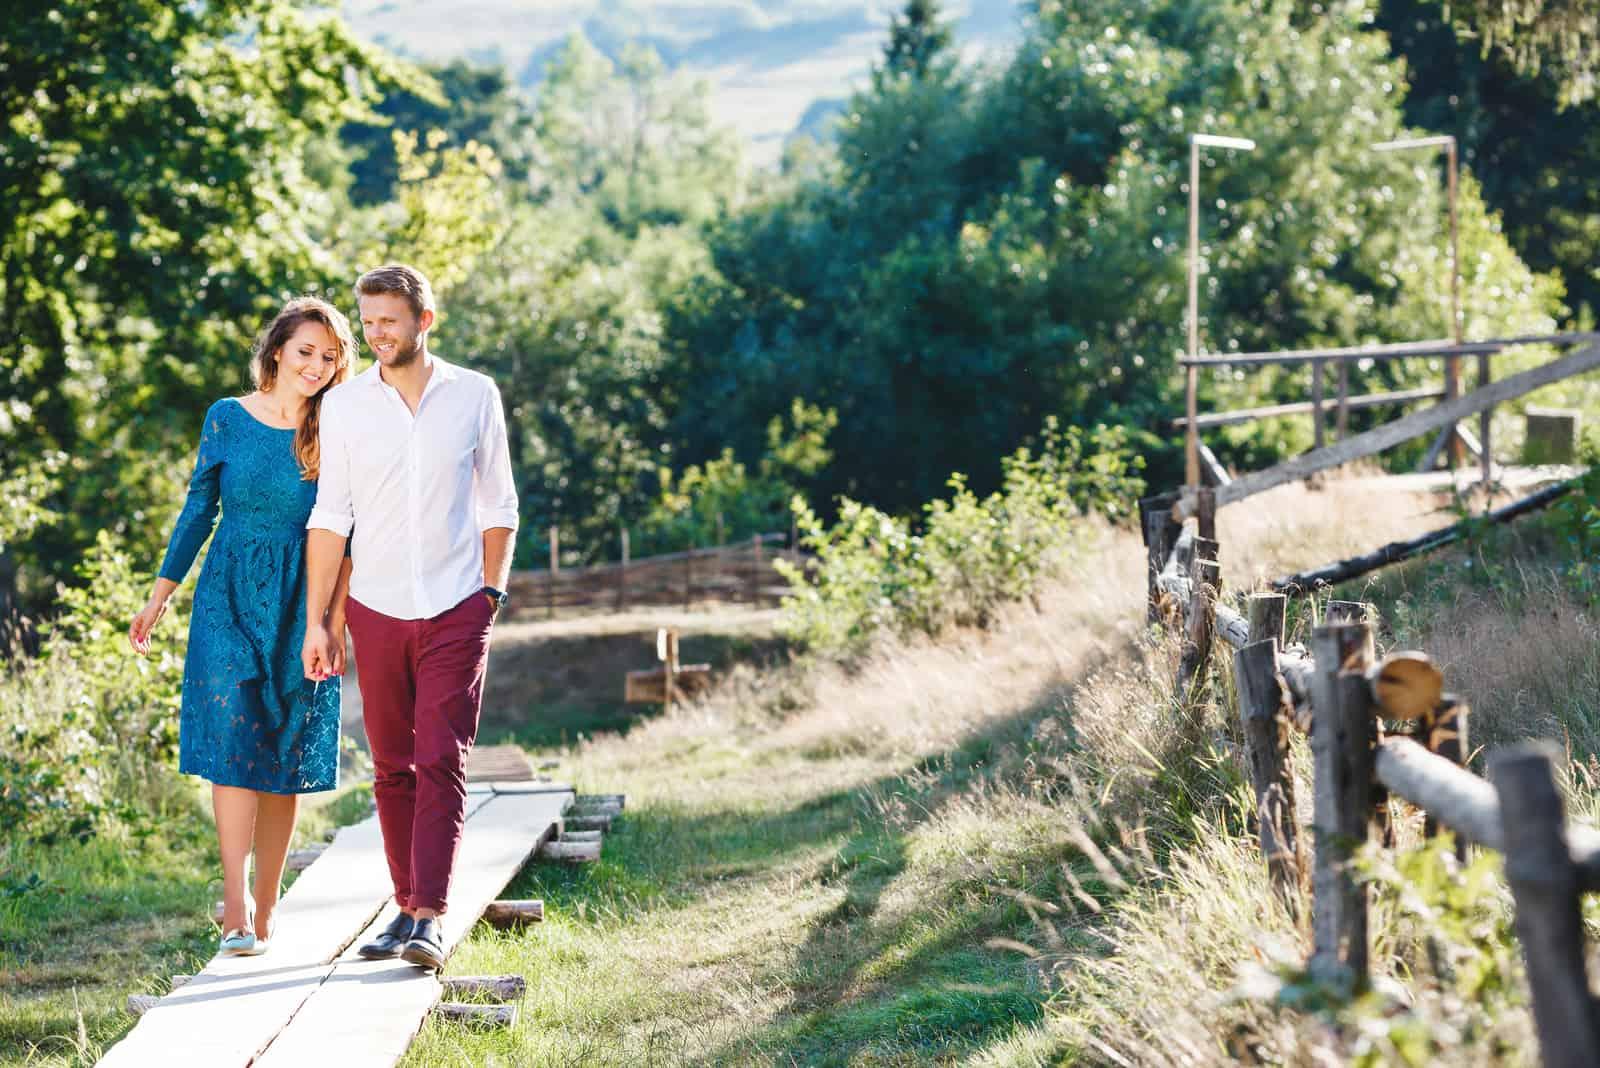 Ein romantisches Paar geht in der Natur spazieren